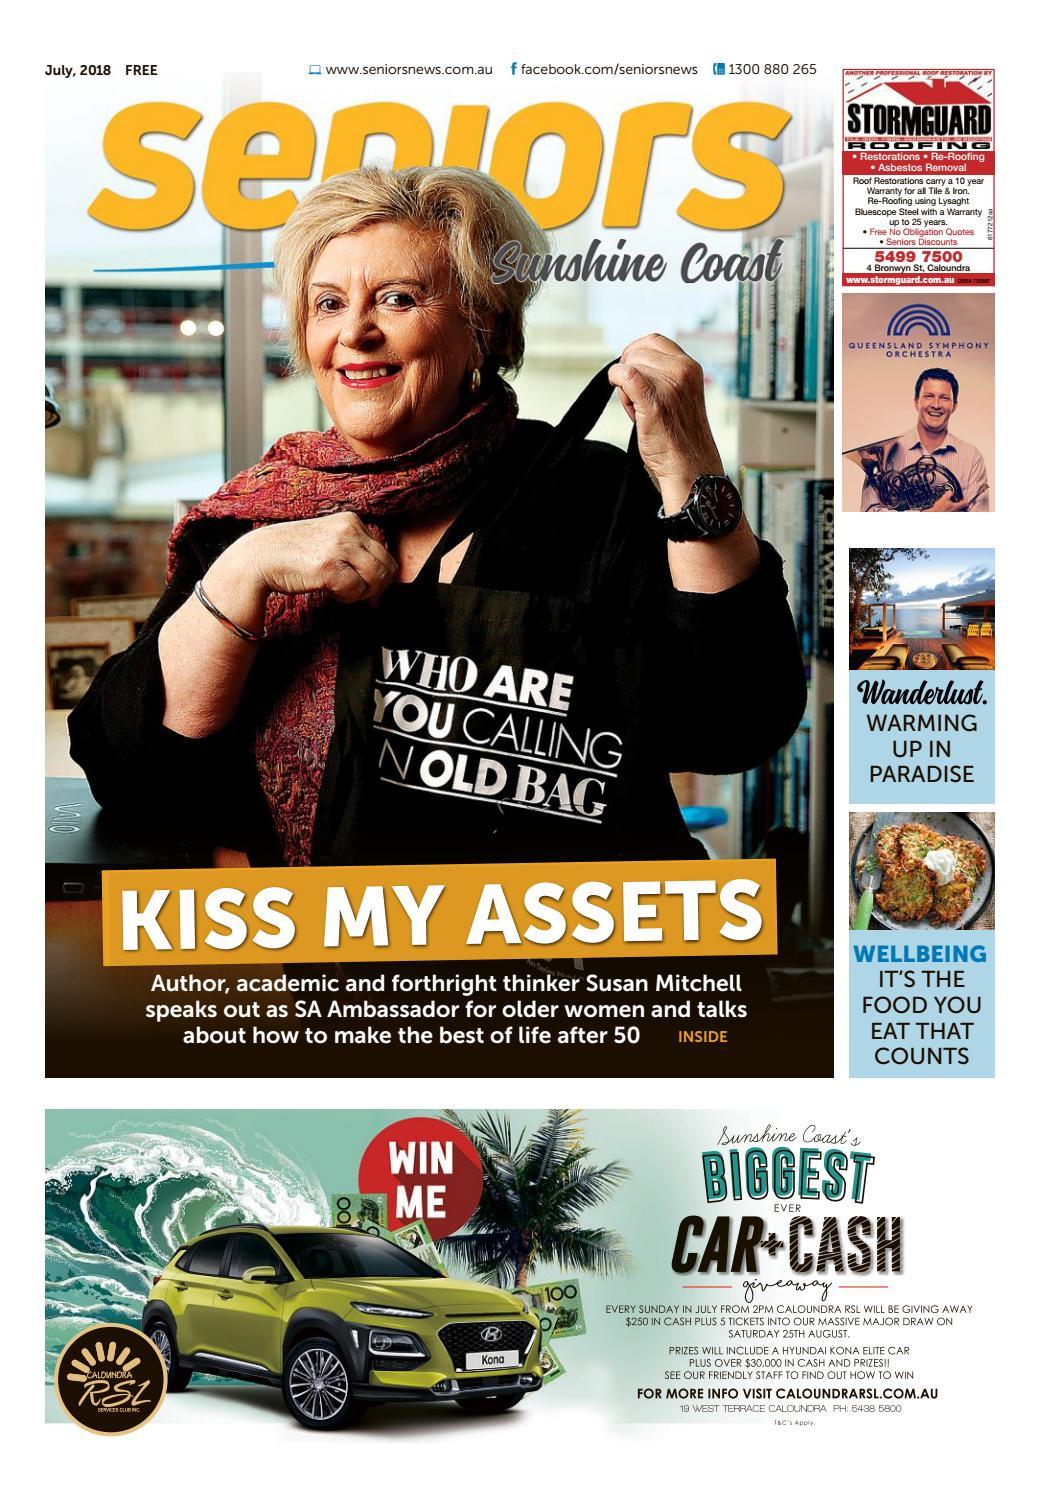 Sunshine Coast July 2018 By Seniors